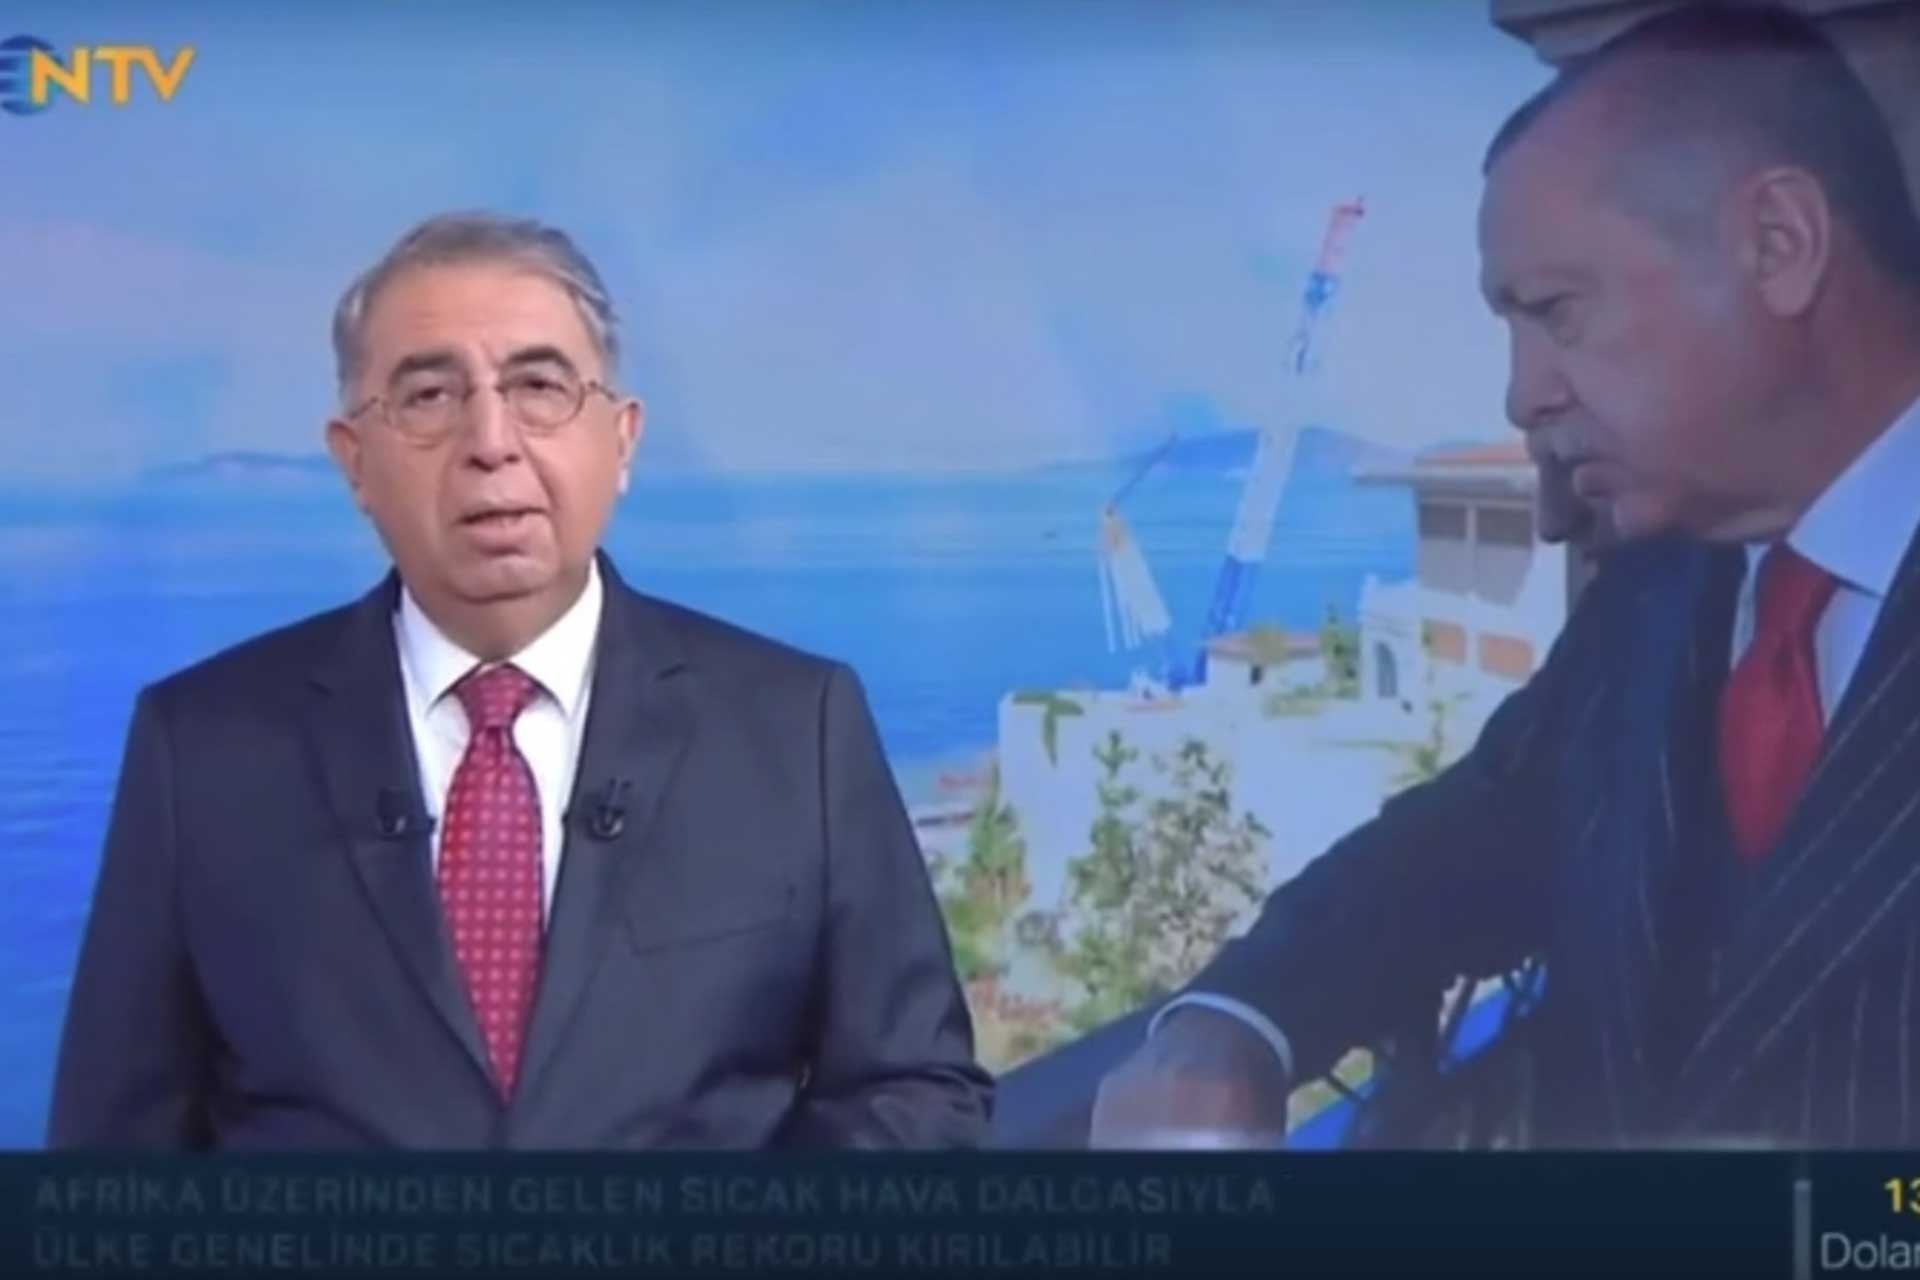 Yassıada haberinde Erdoğan'a tepkisi yayına yansıyan Oğuz Haksever'den açıklama